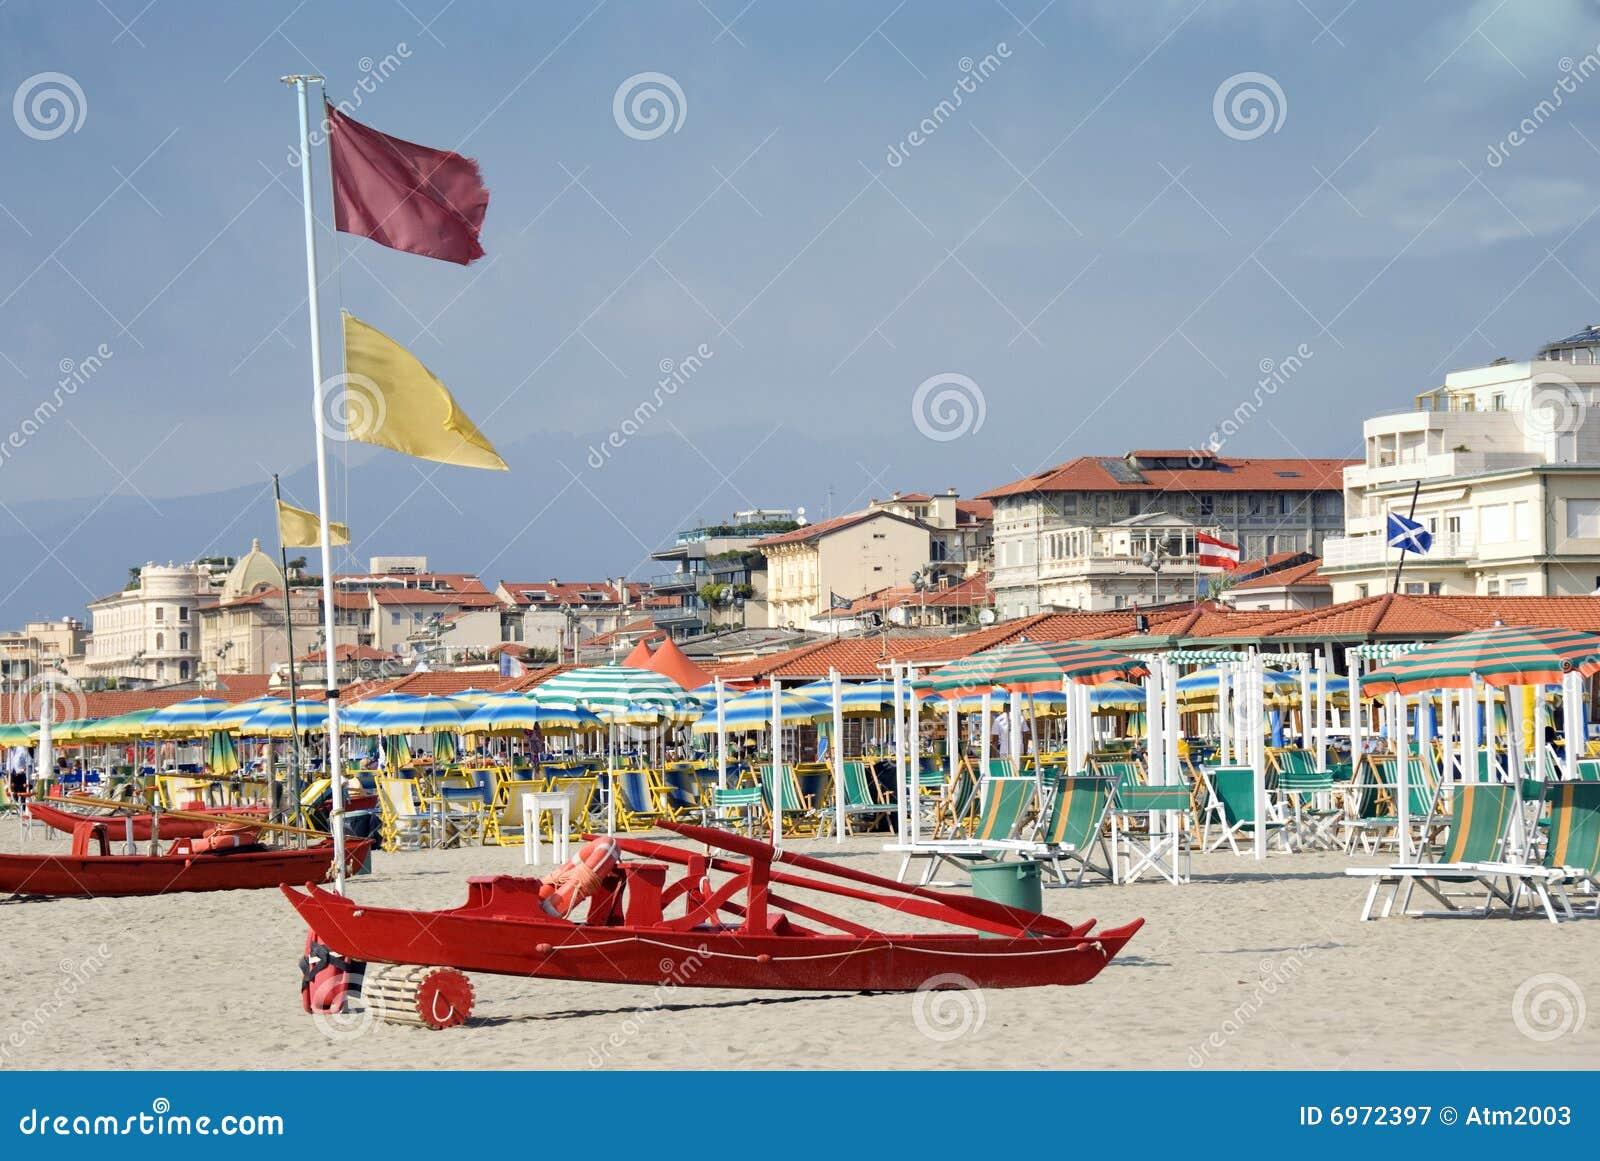 Italienischer Strand